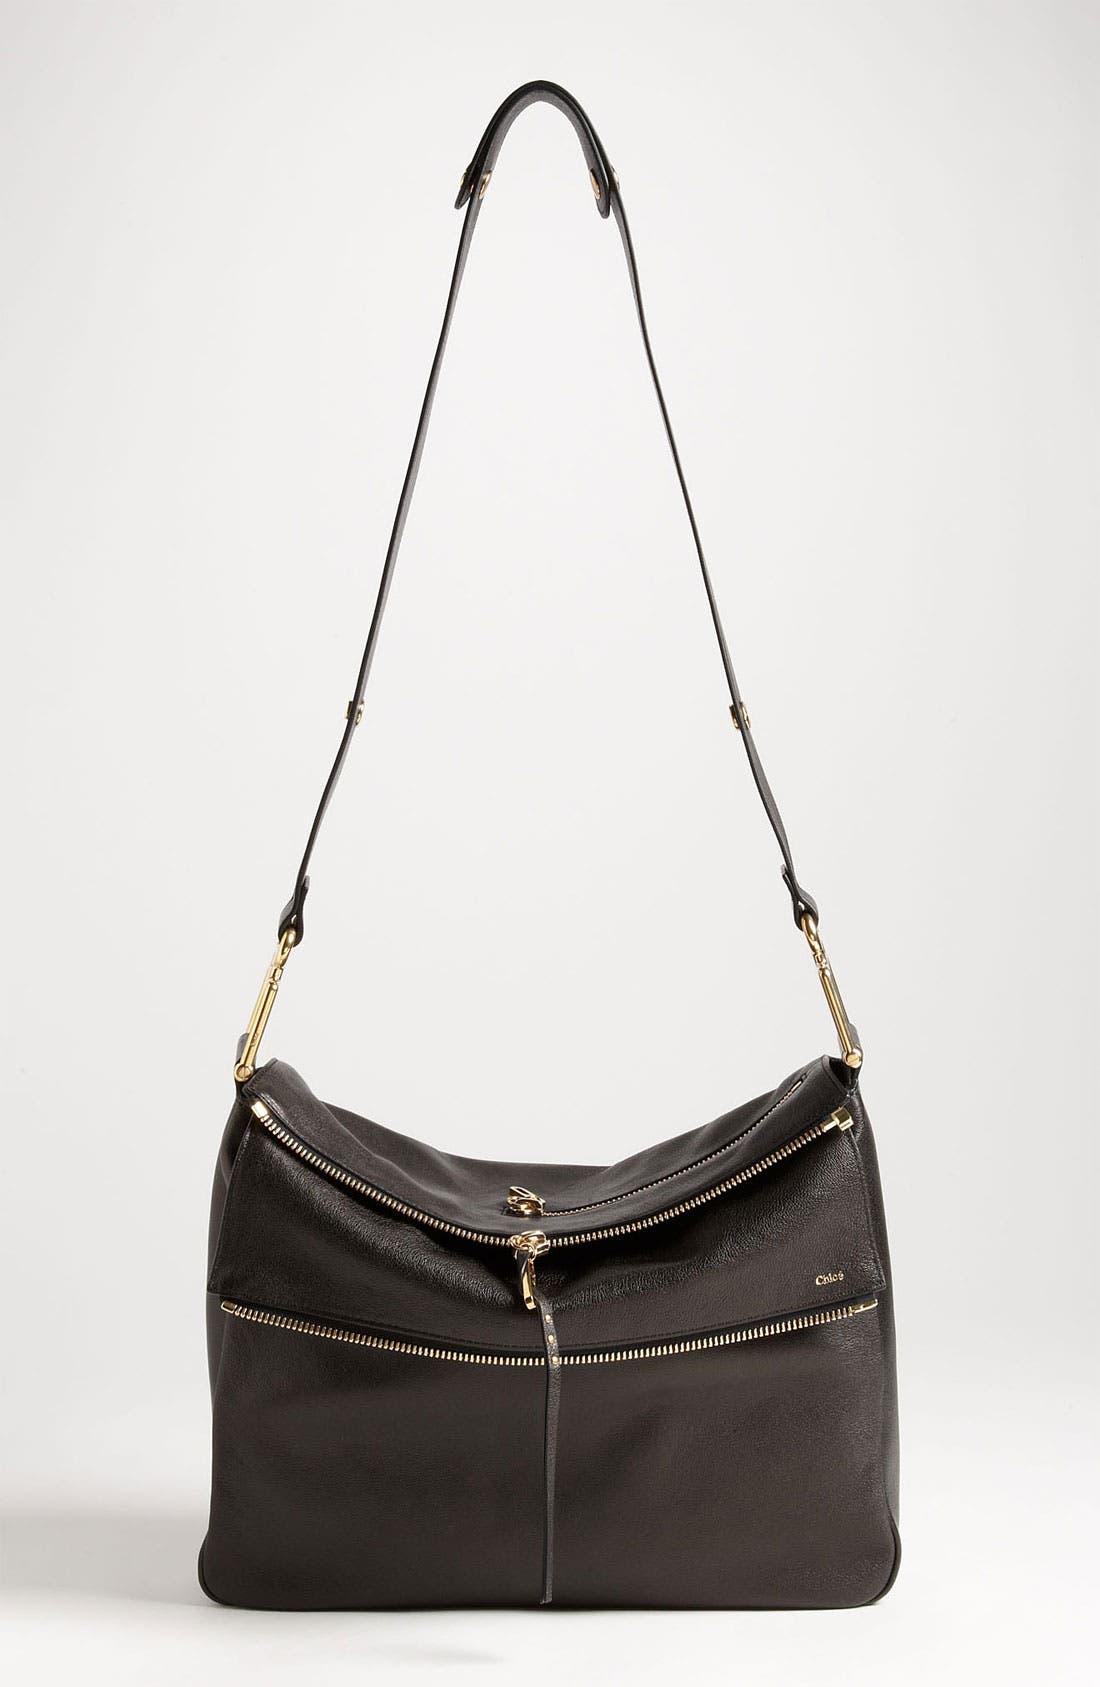 Main Image - Chloé 'Vanessa - Medium' Crossbody Bag